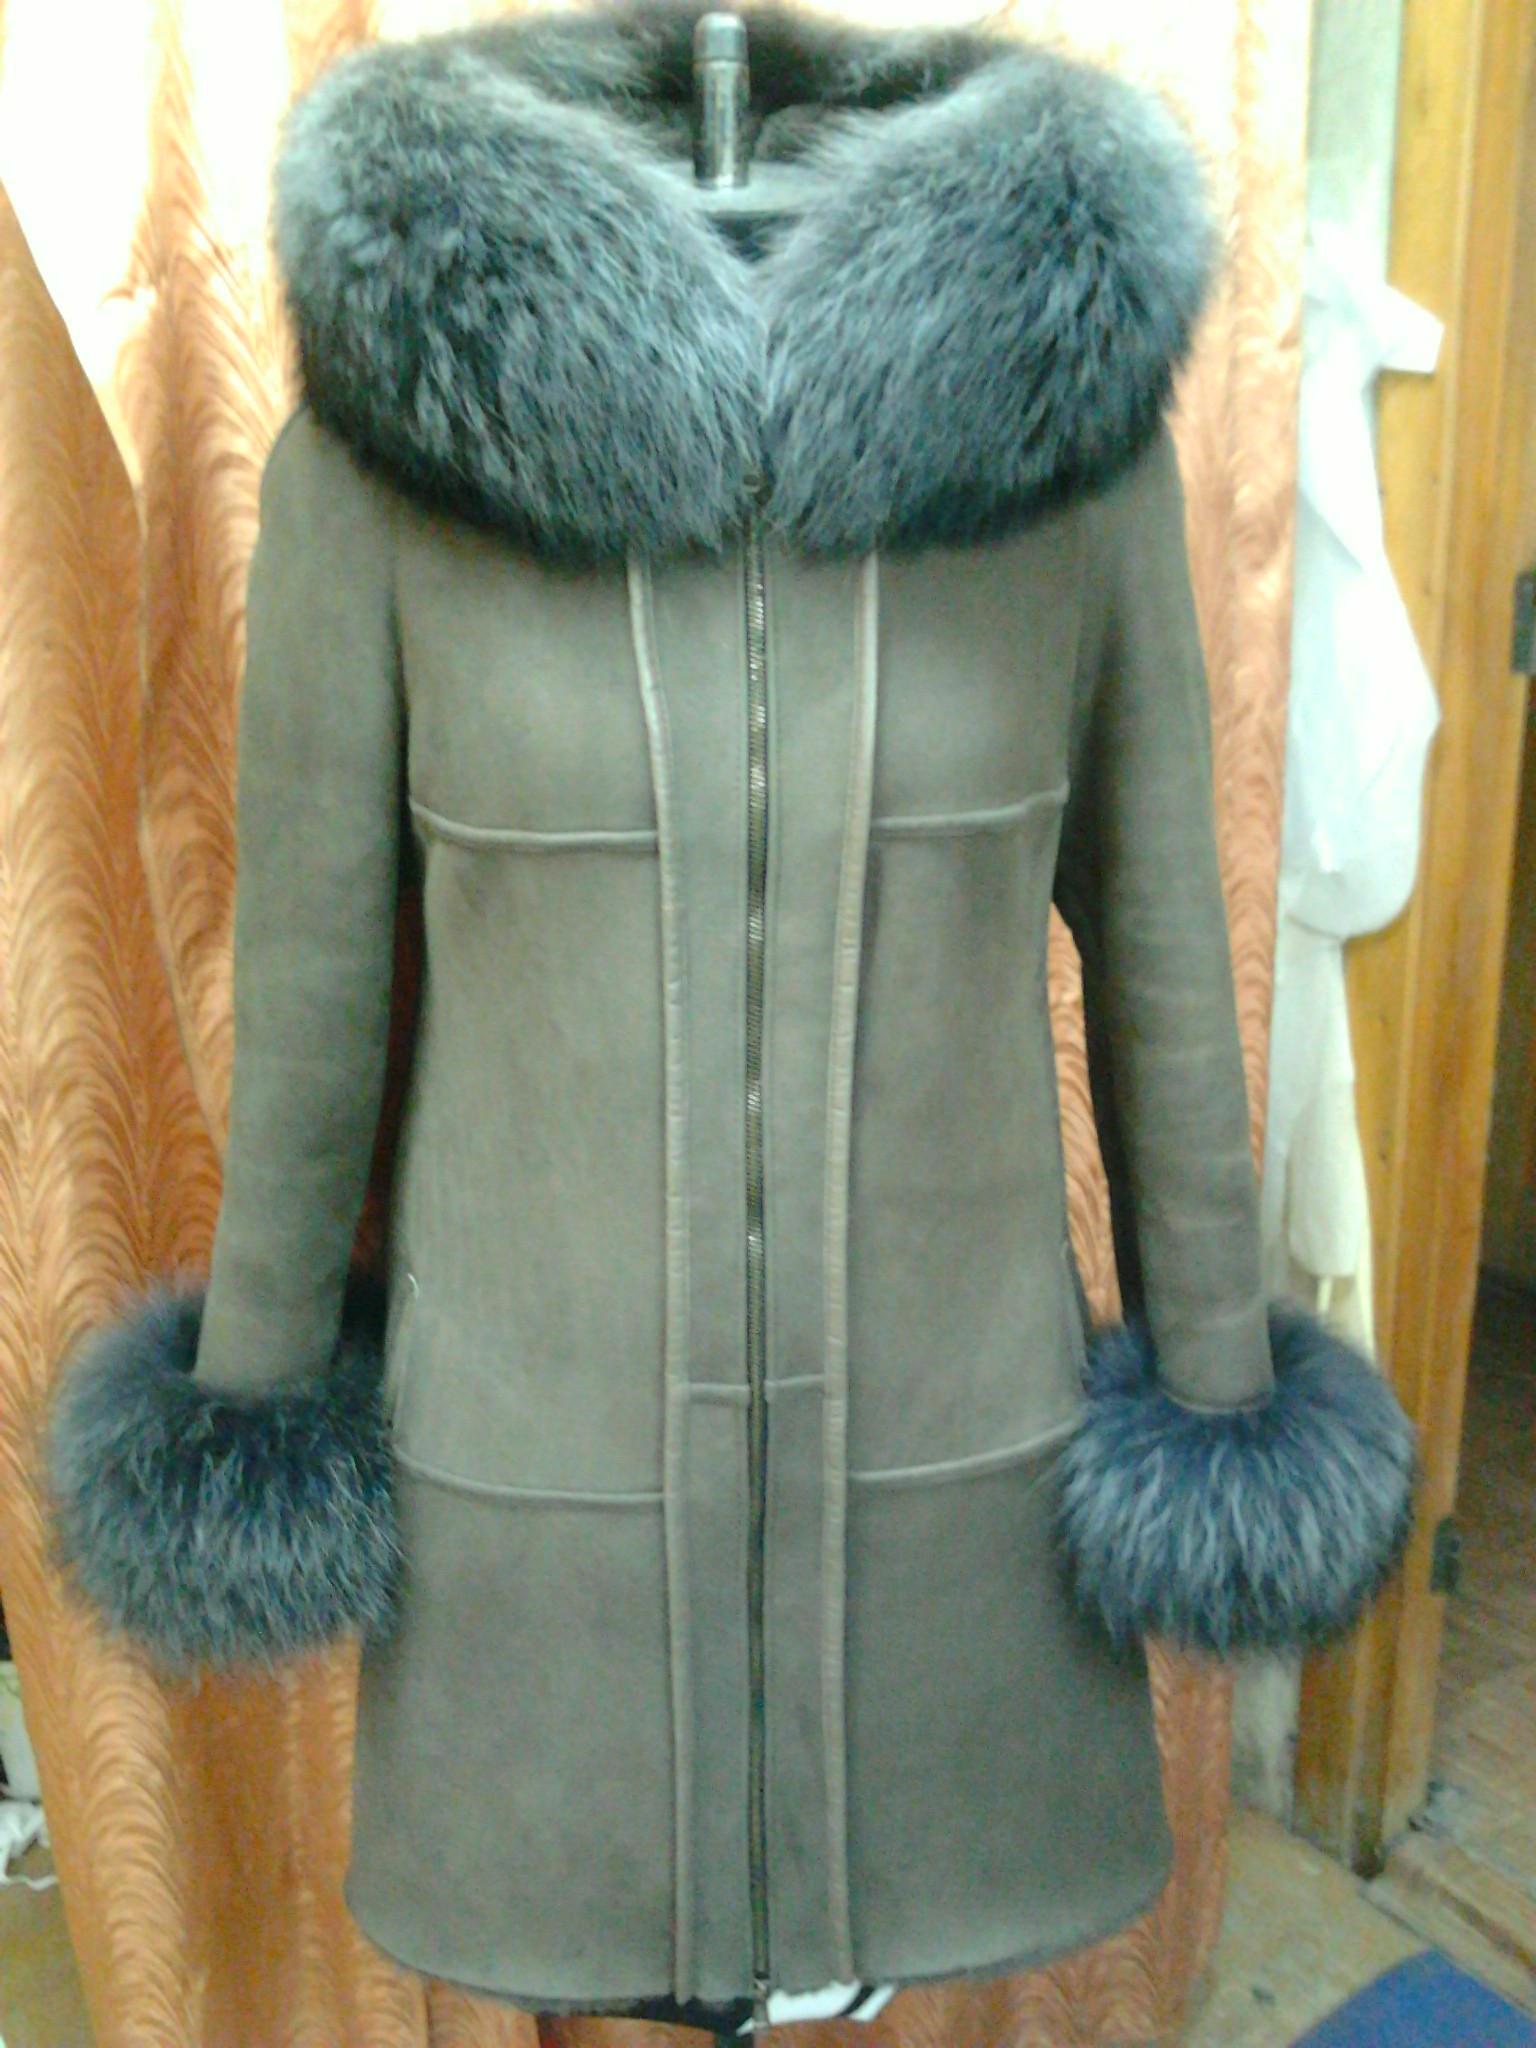 Пошив, ремонт кожаных, меховых изделий:курток, шуб, дубленок, пуховиков, жилетов, пальто любой сложности